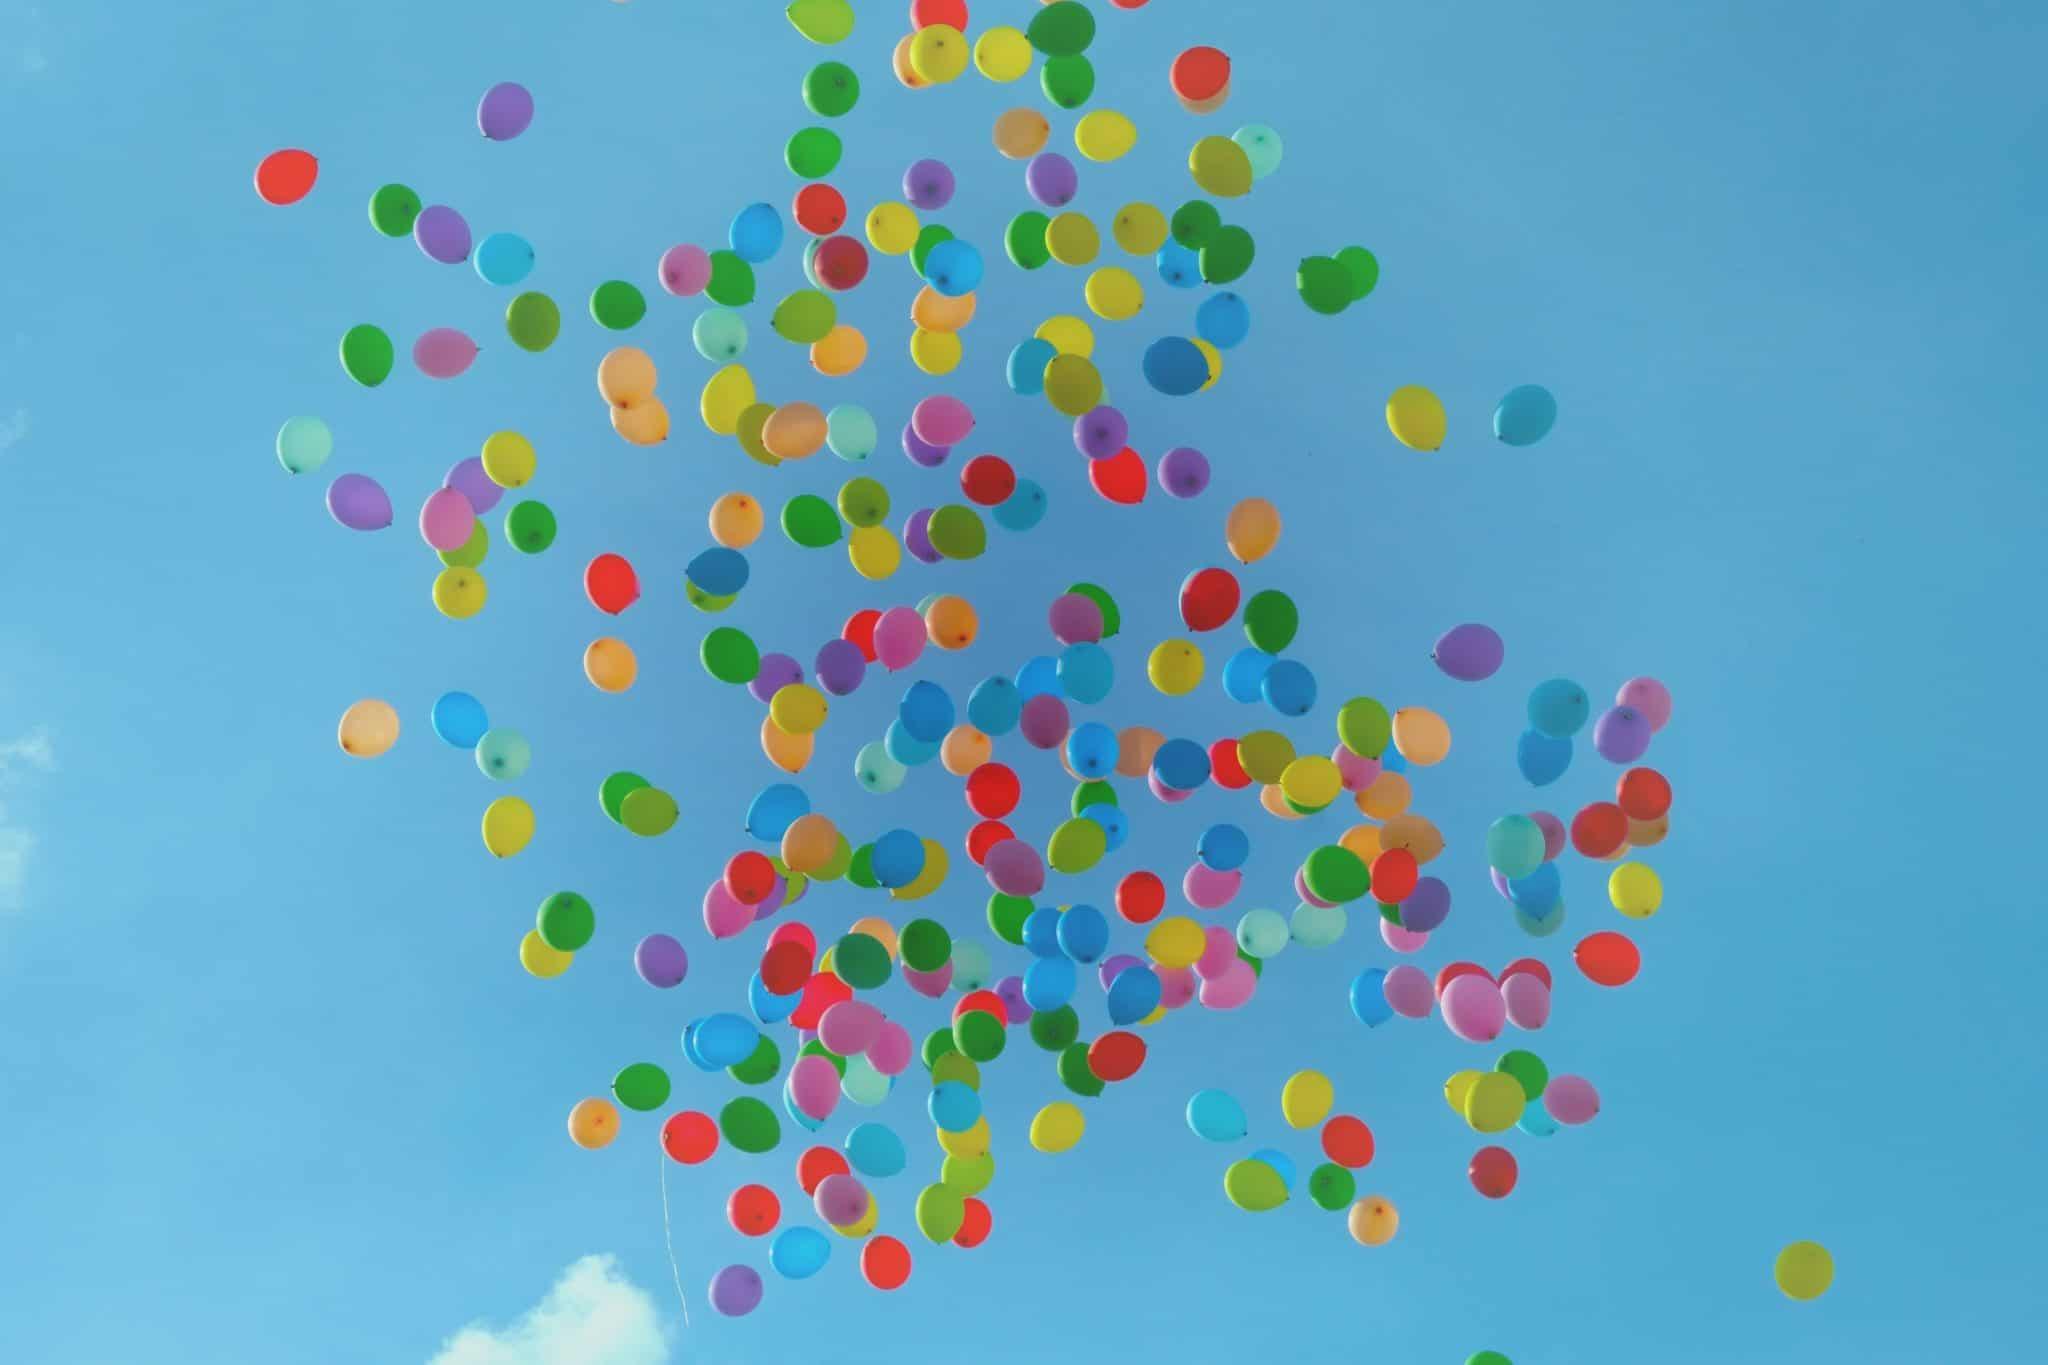 Fargerike ballonger mot blå himmel